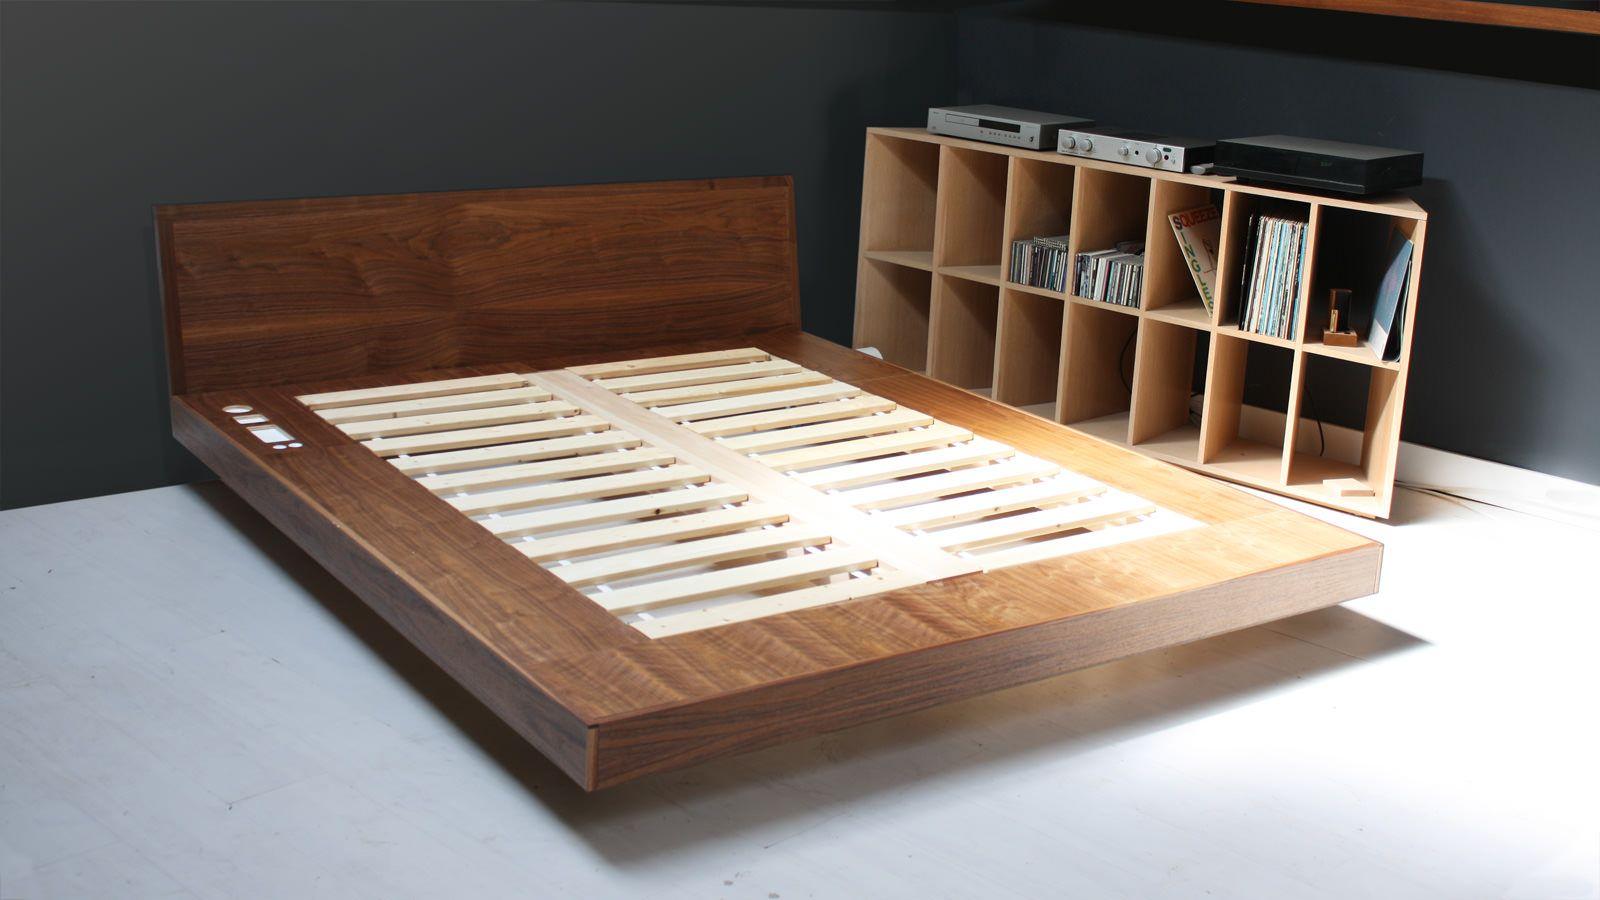 Build your own bed frame easy tips in 2020 diy platform